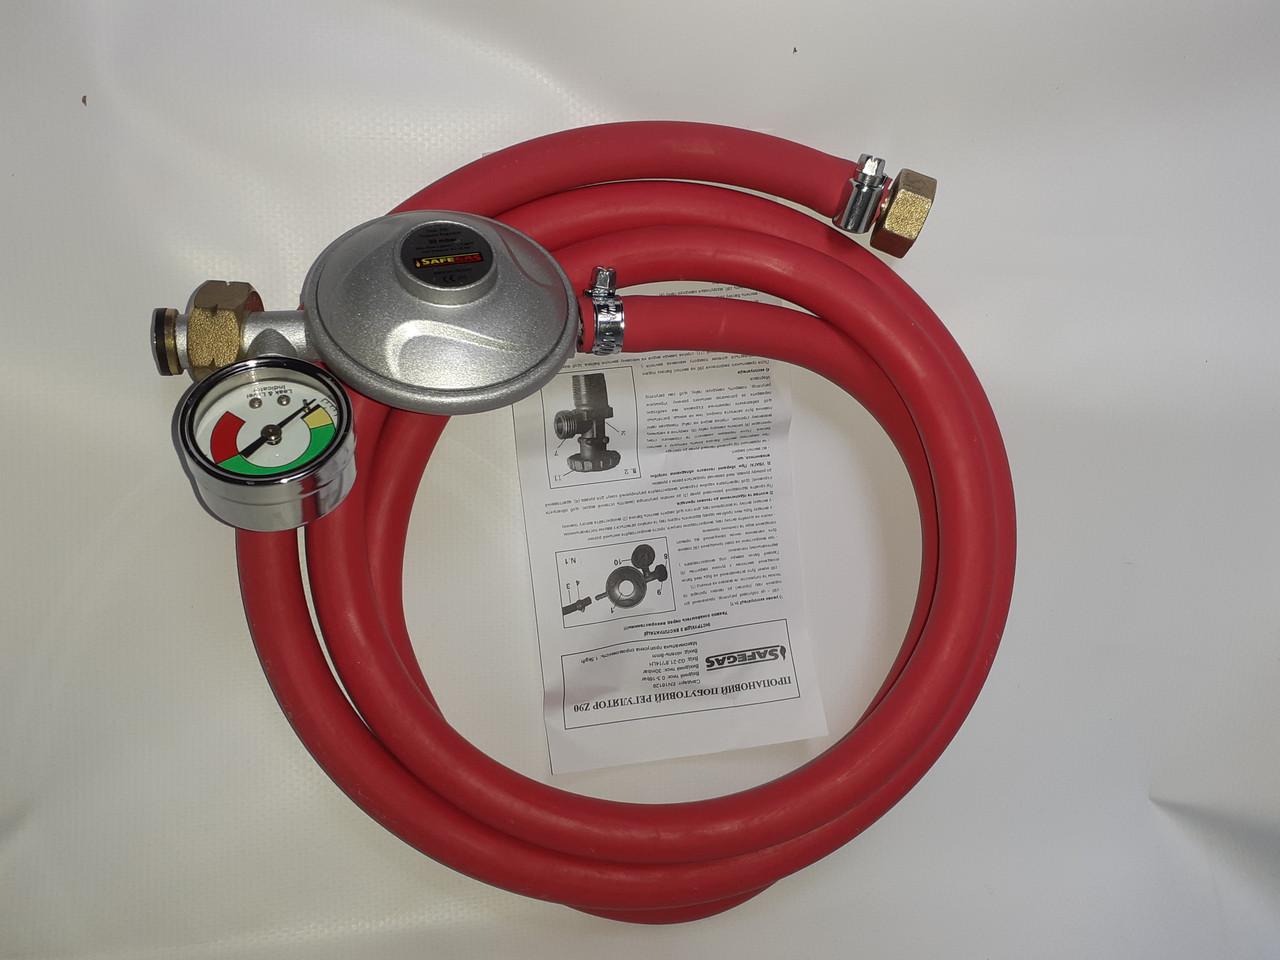 Комплект для подключения газовой плиты к пропановому баллону